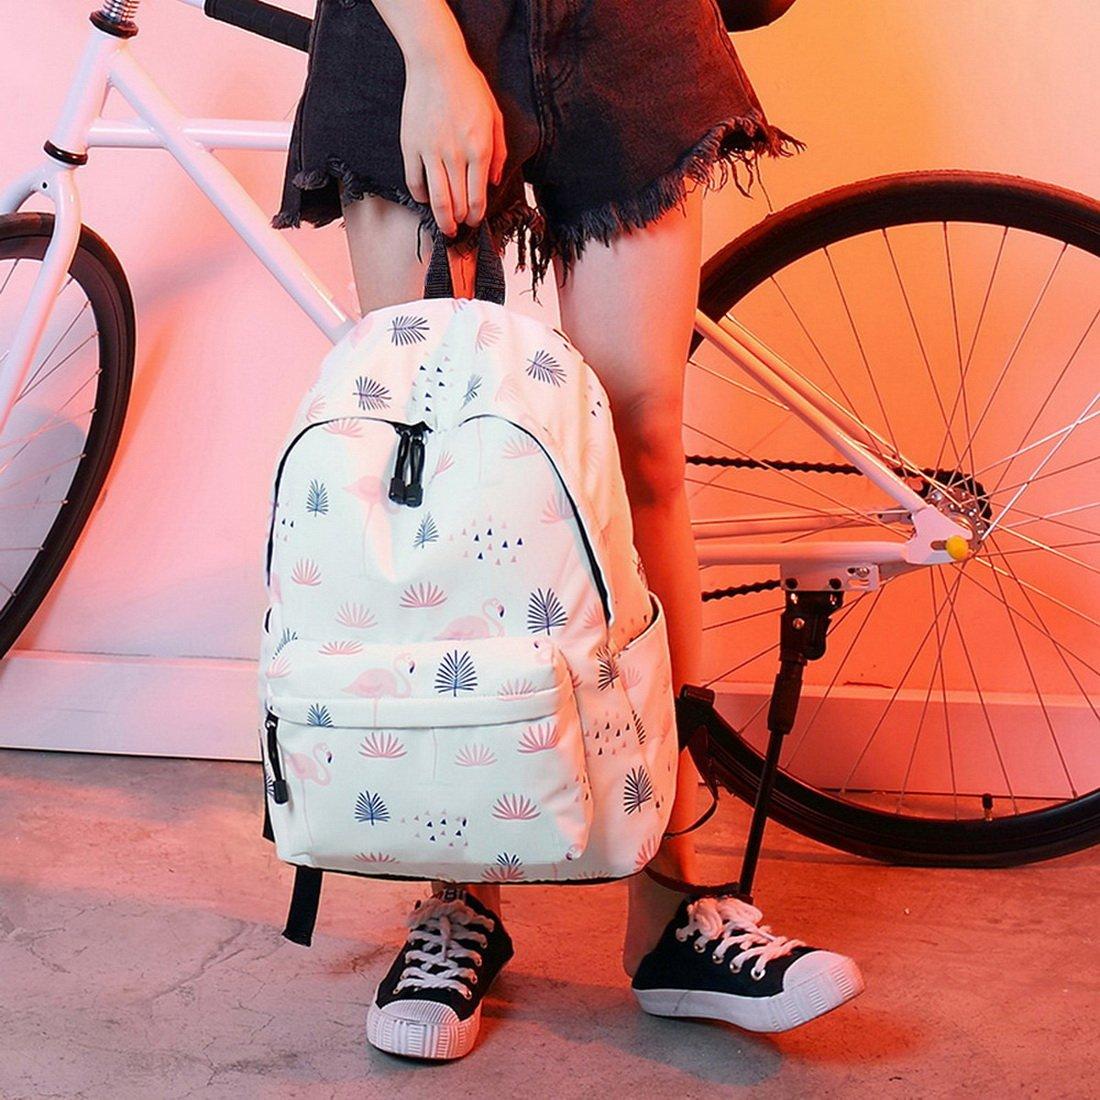 b2cd2693ff Acmebon Léger d'impression de Mode 14inch Portable School Sac à Dos pour  Les Filles Agrandir l'image